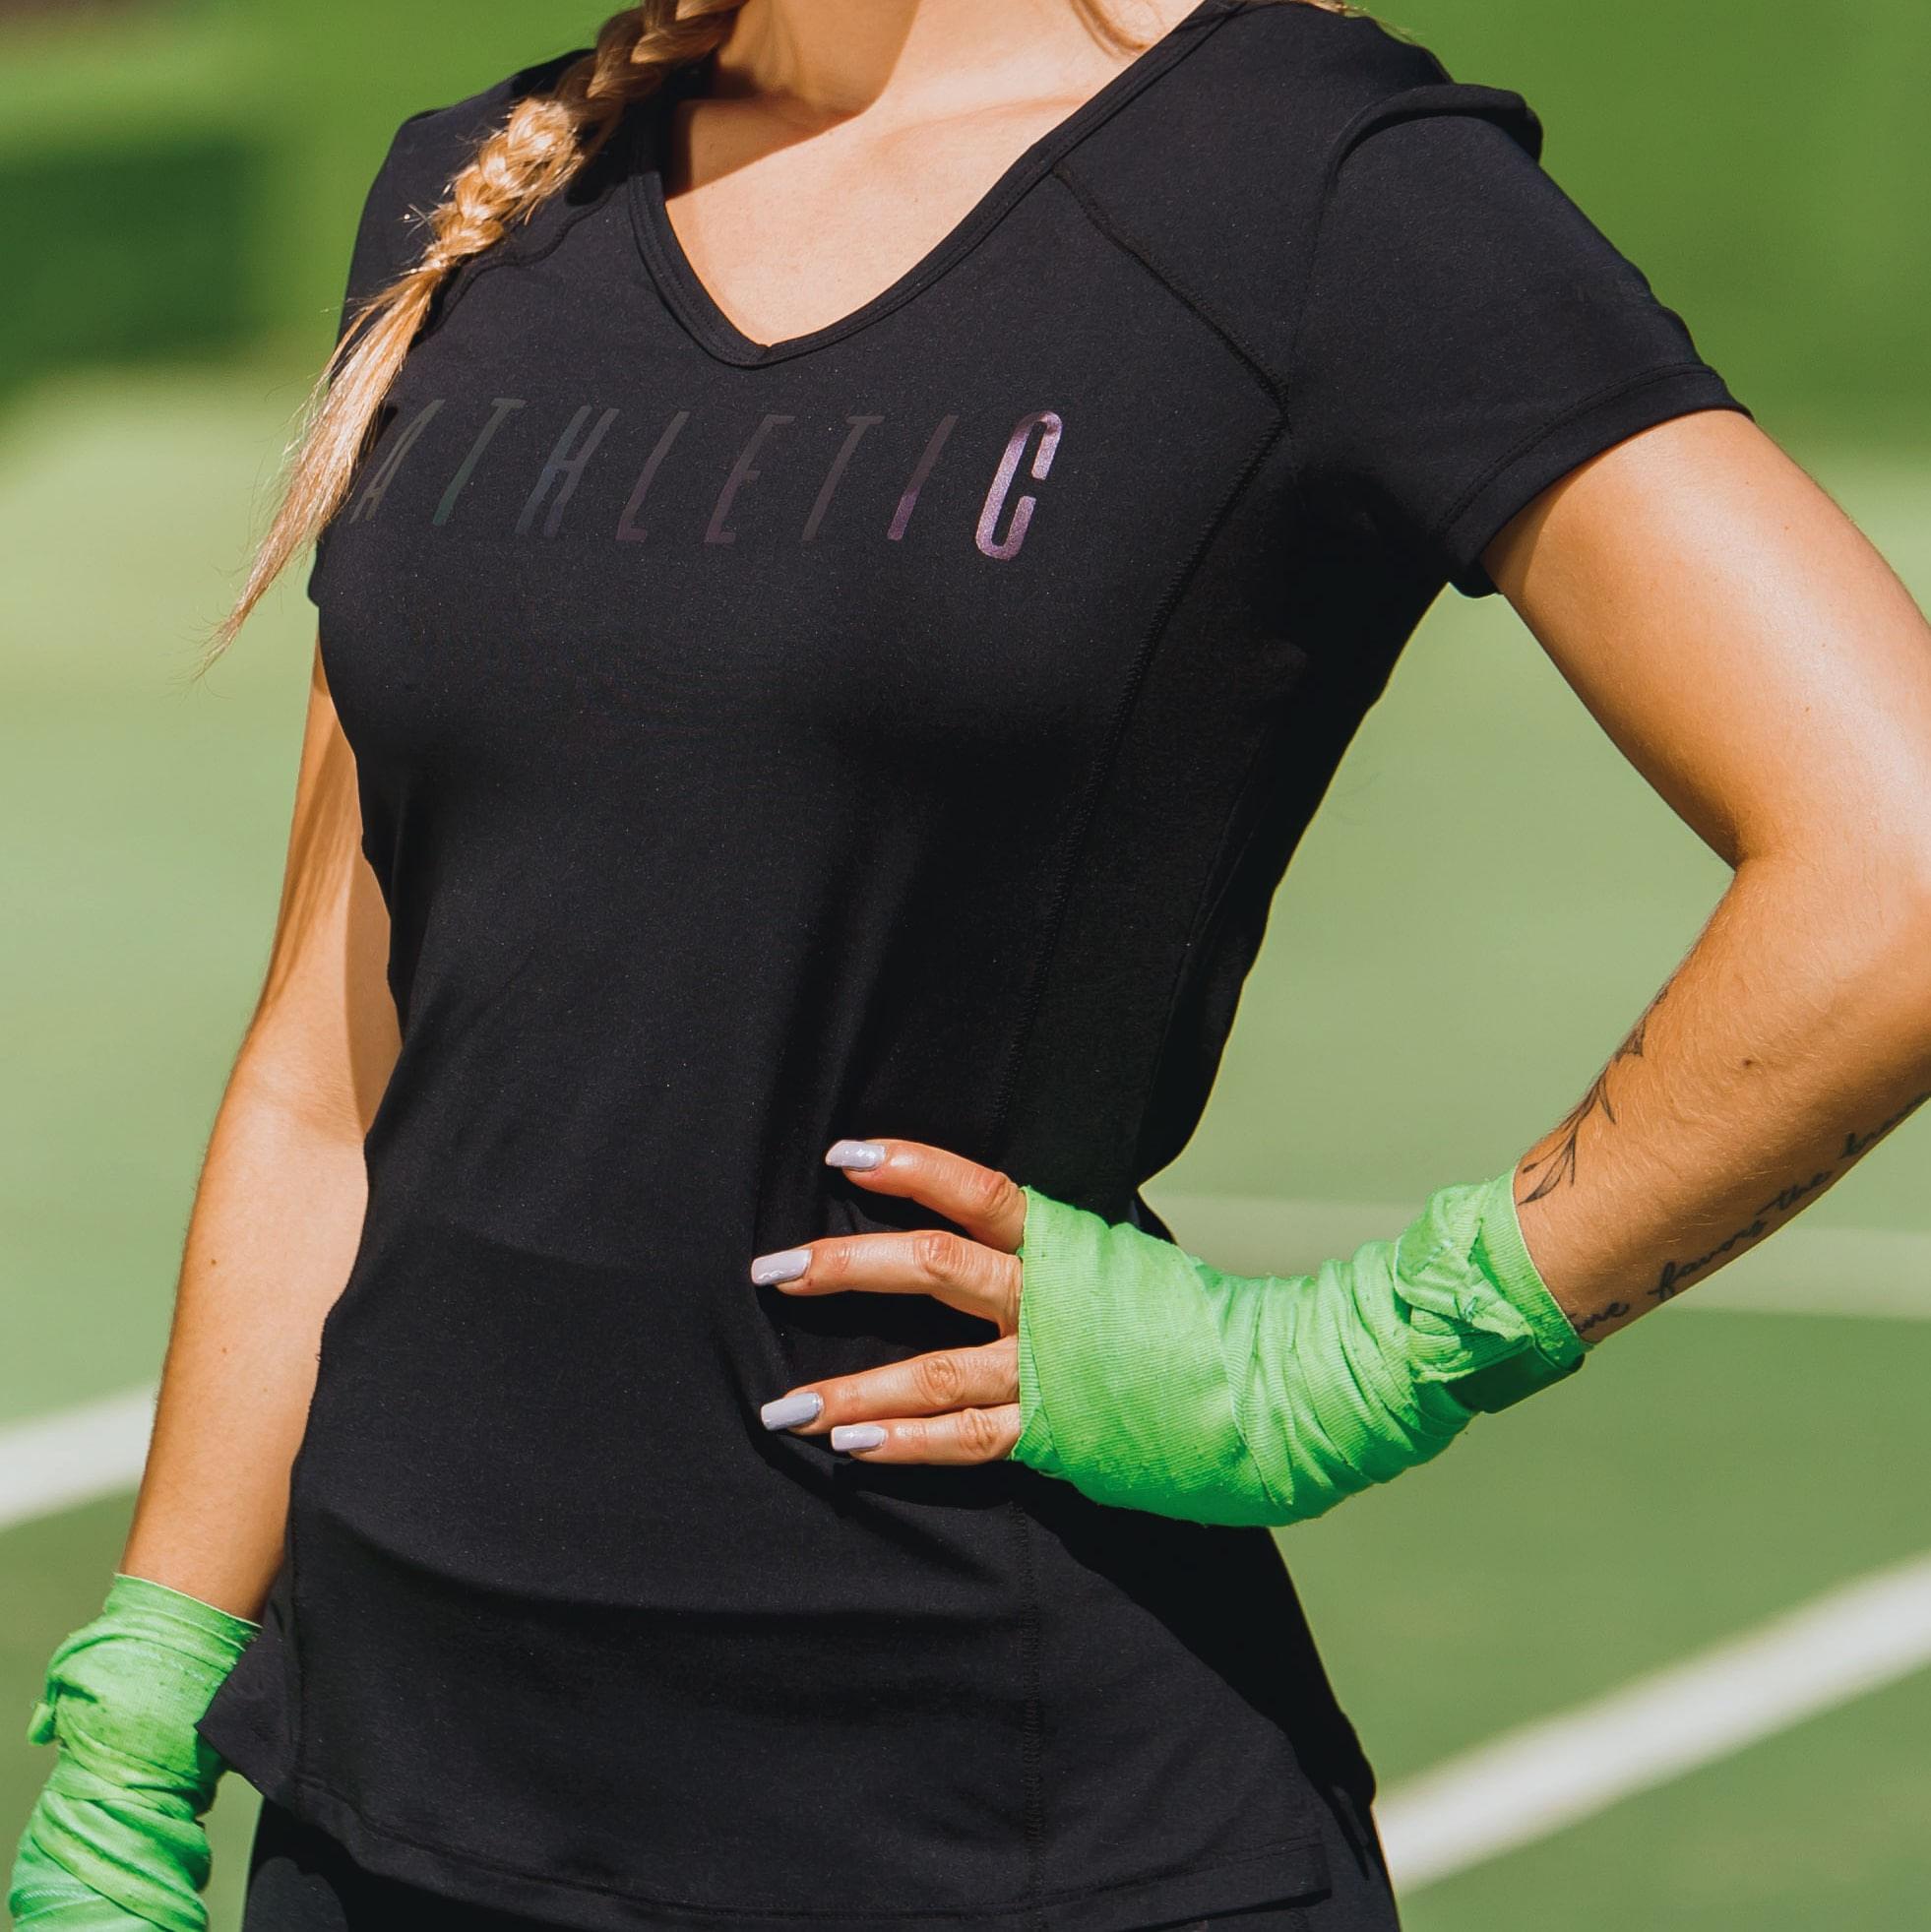 Nuestros deportes, Ropa para Gimnasio Racketball, Ropa para caminar